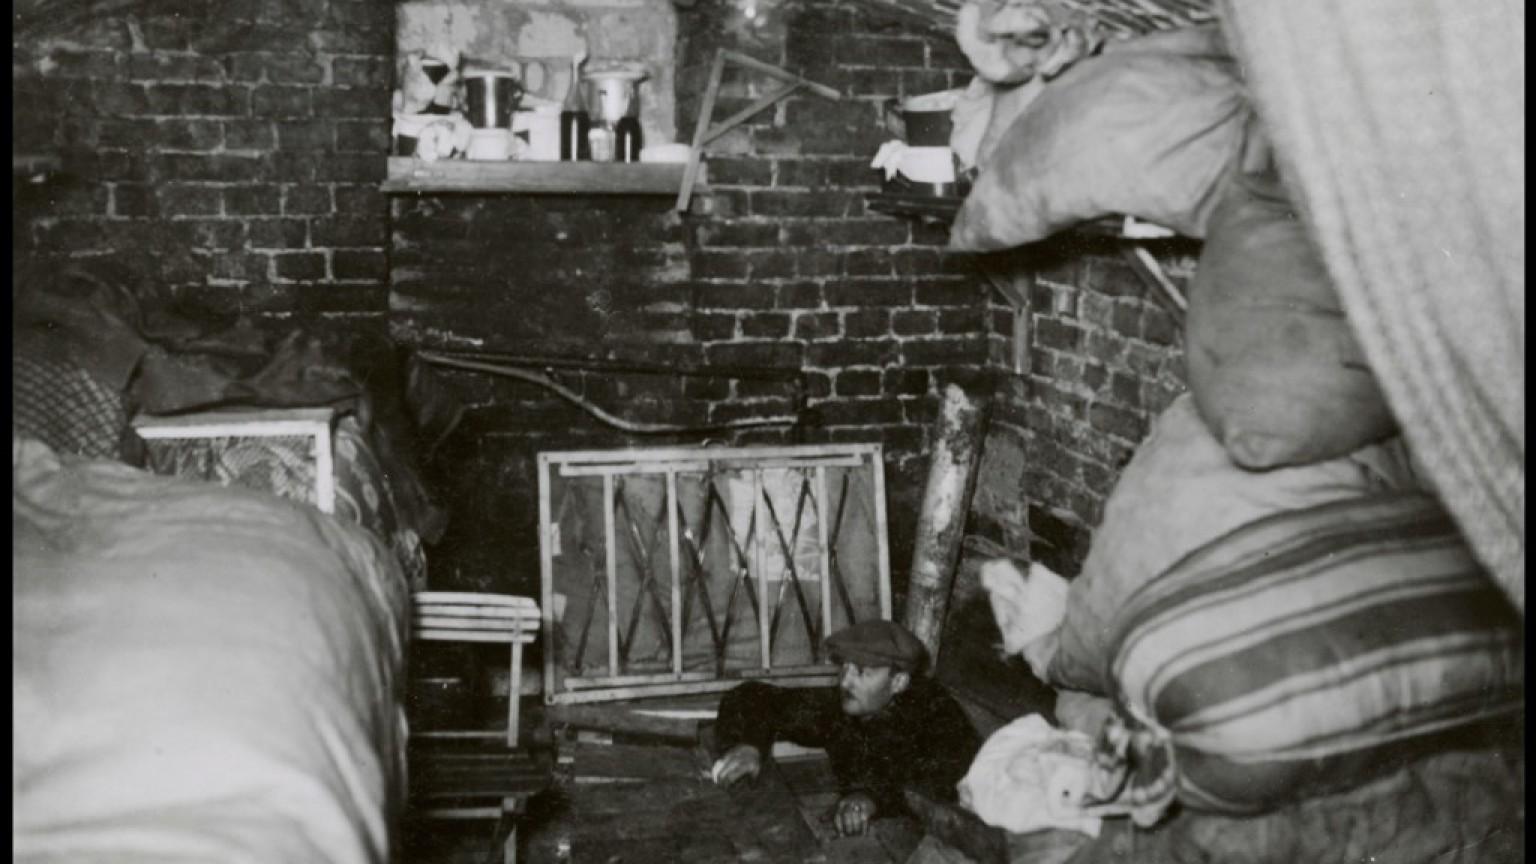 Zdjęcie dla kartki: Odkrycie bunkra